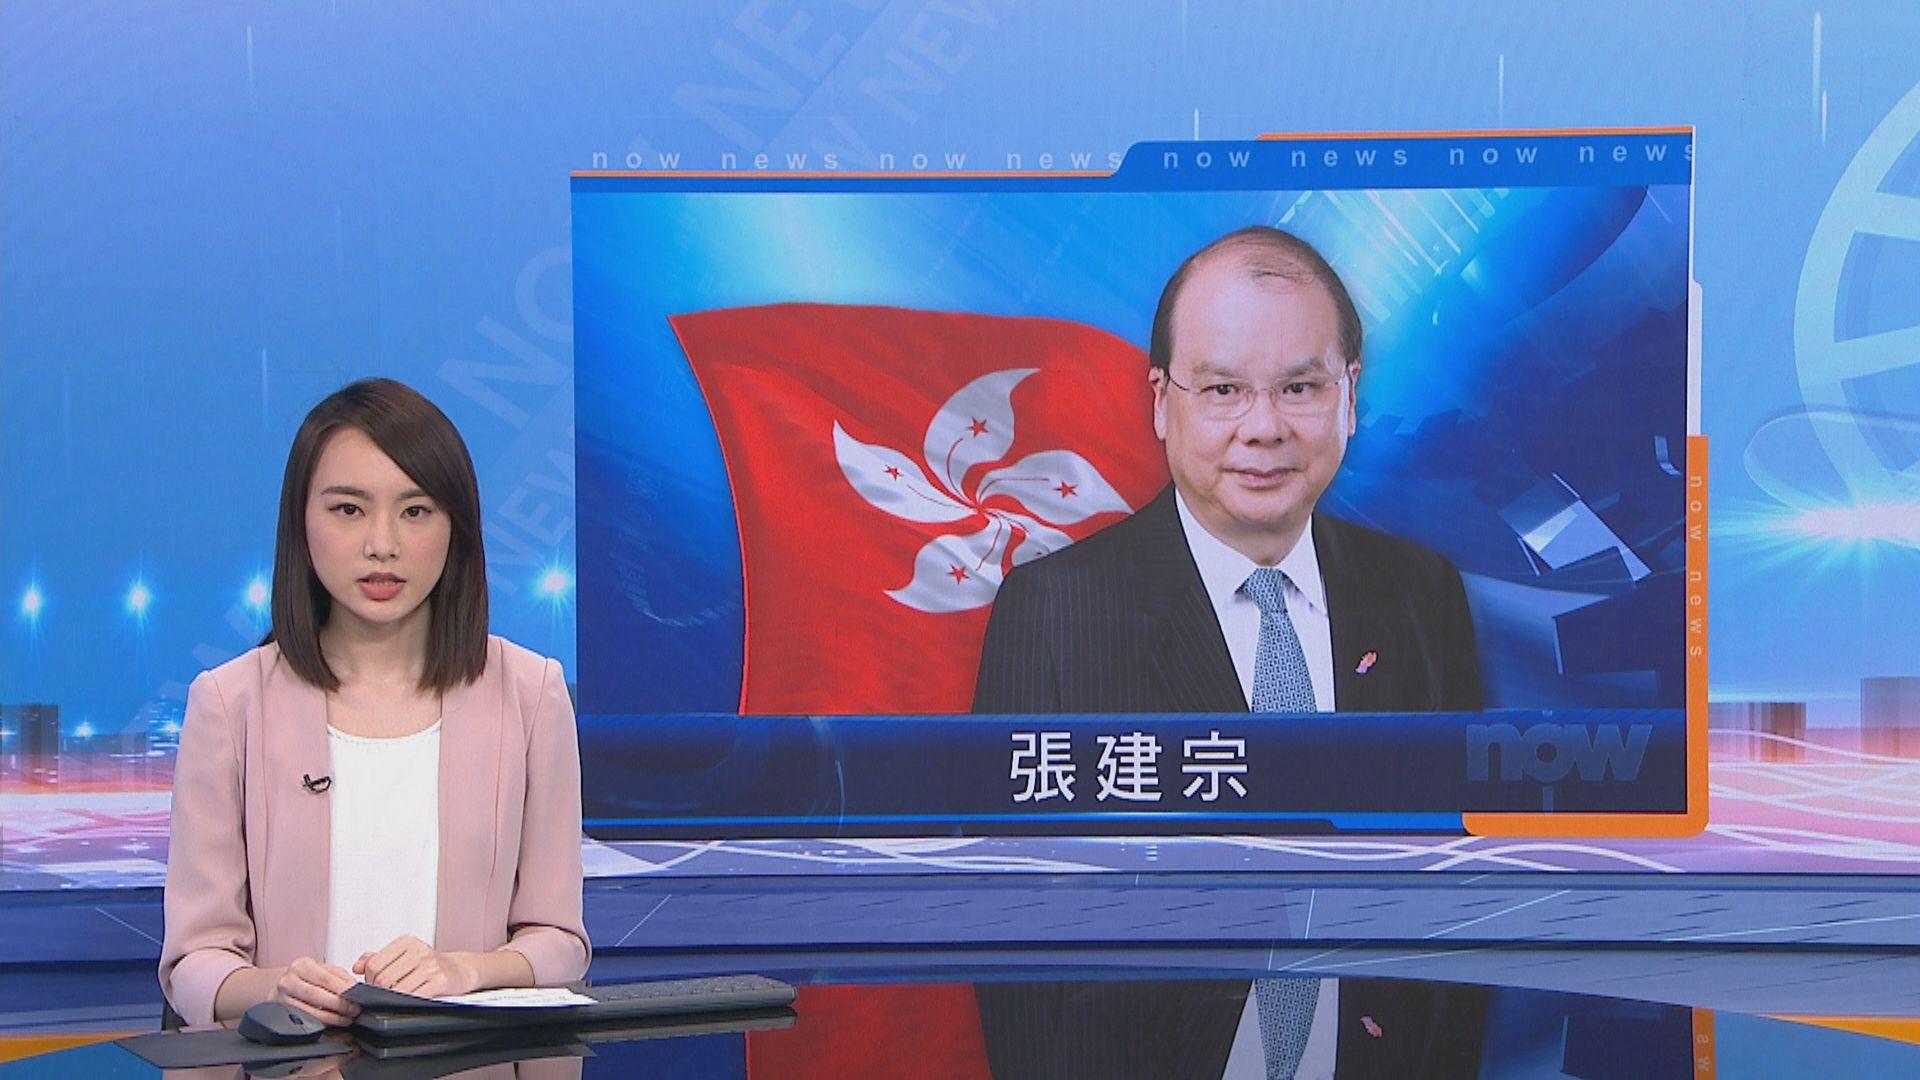 張建宗:港區國安法不影響港人權利和自由